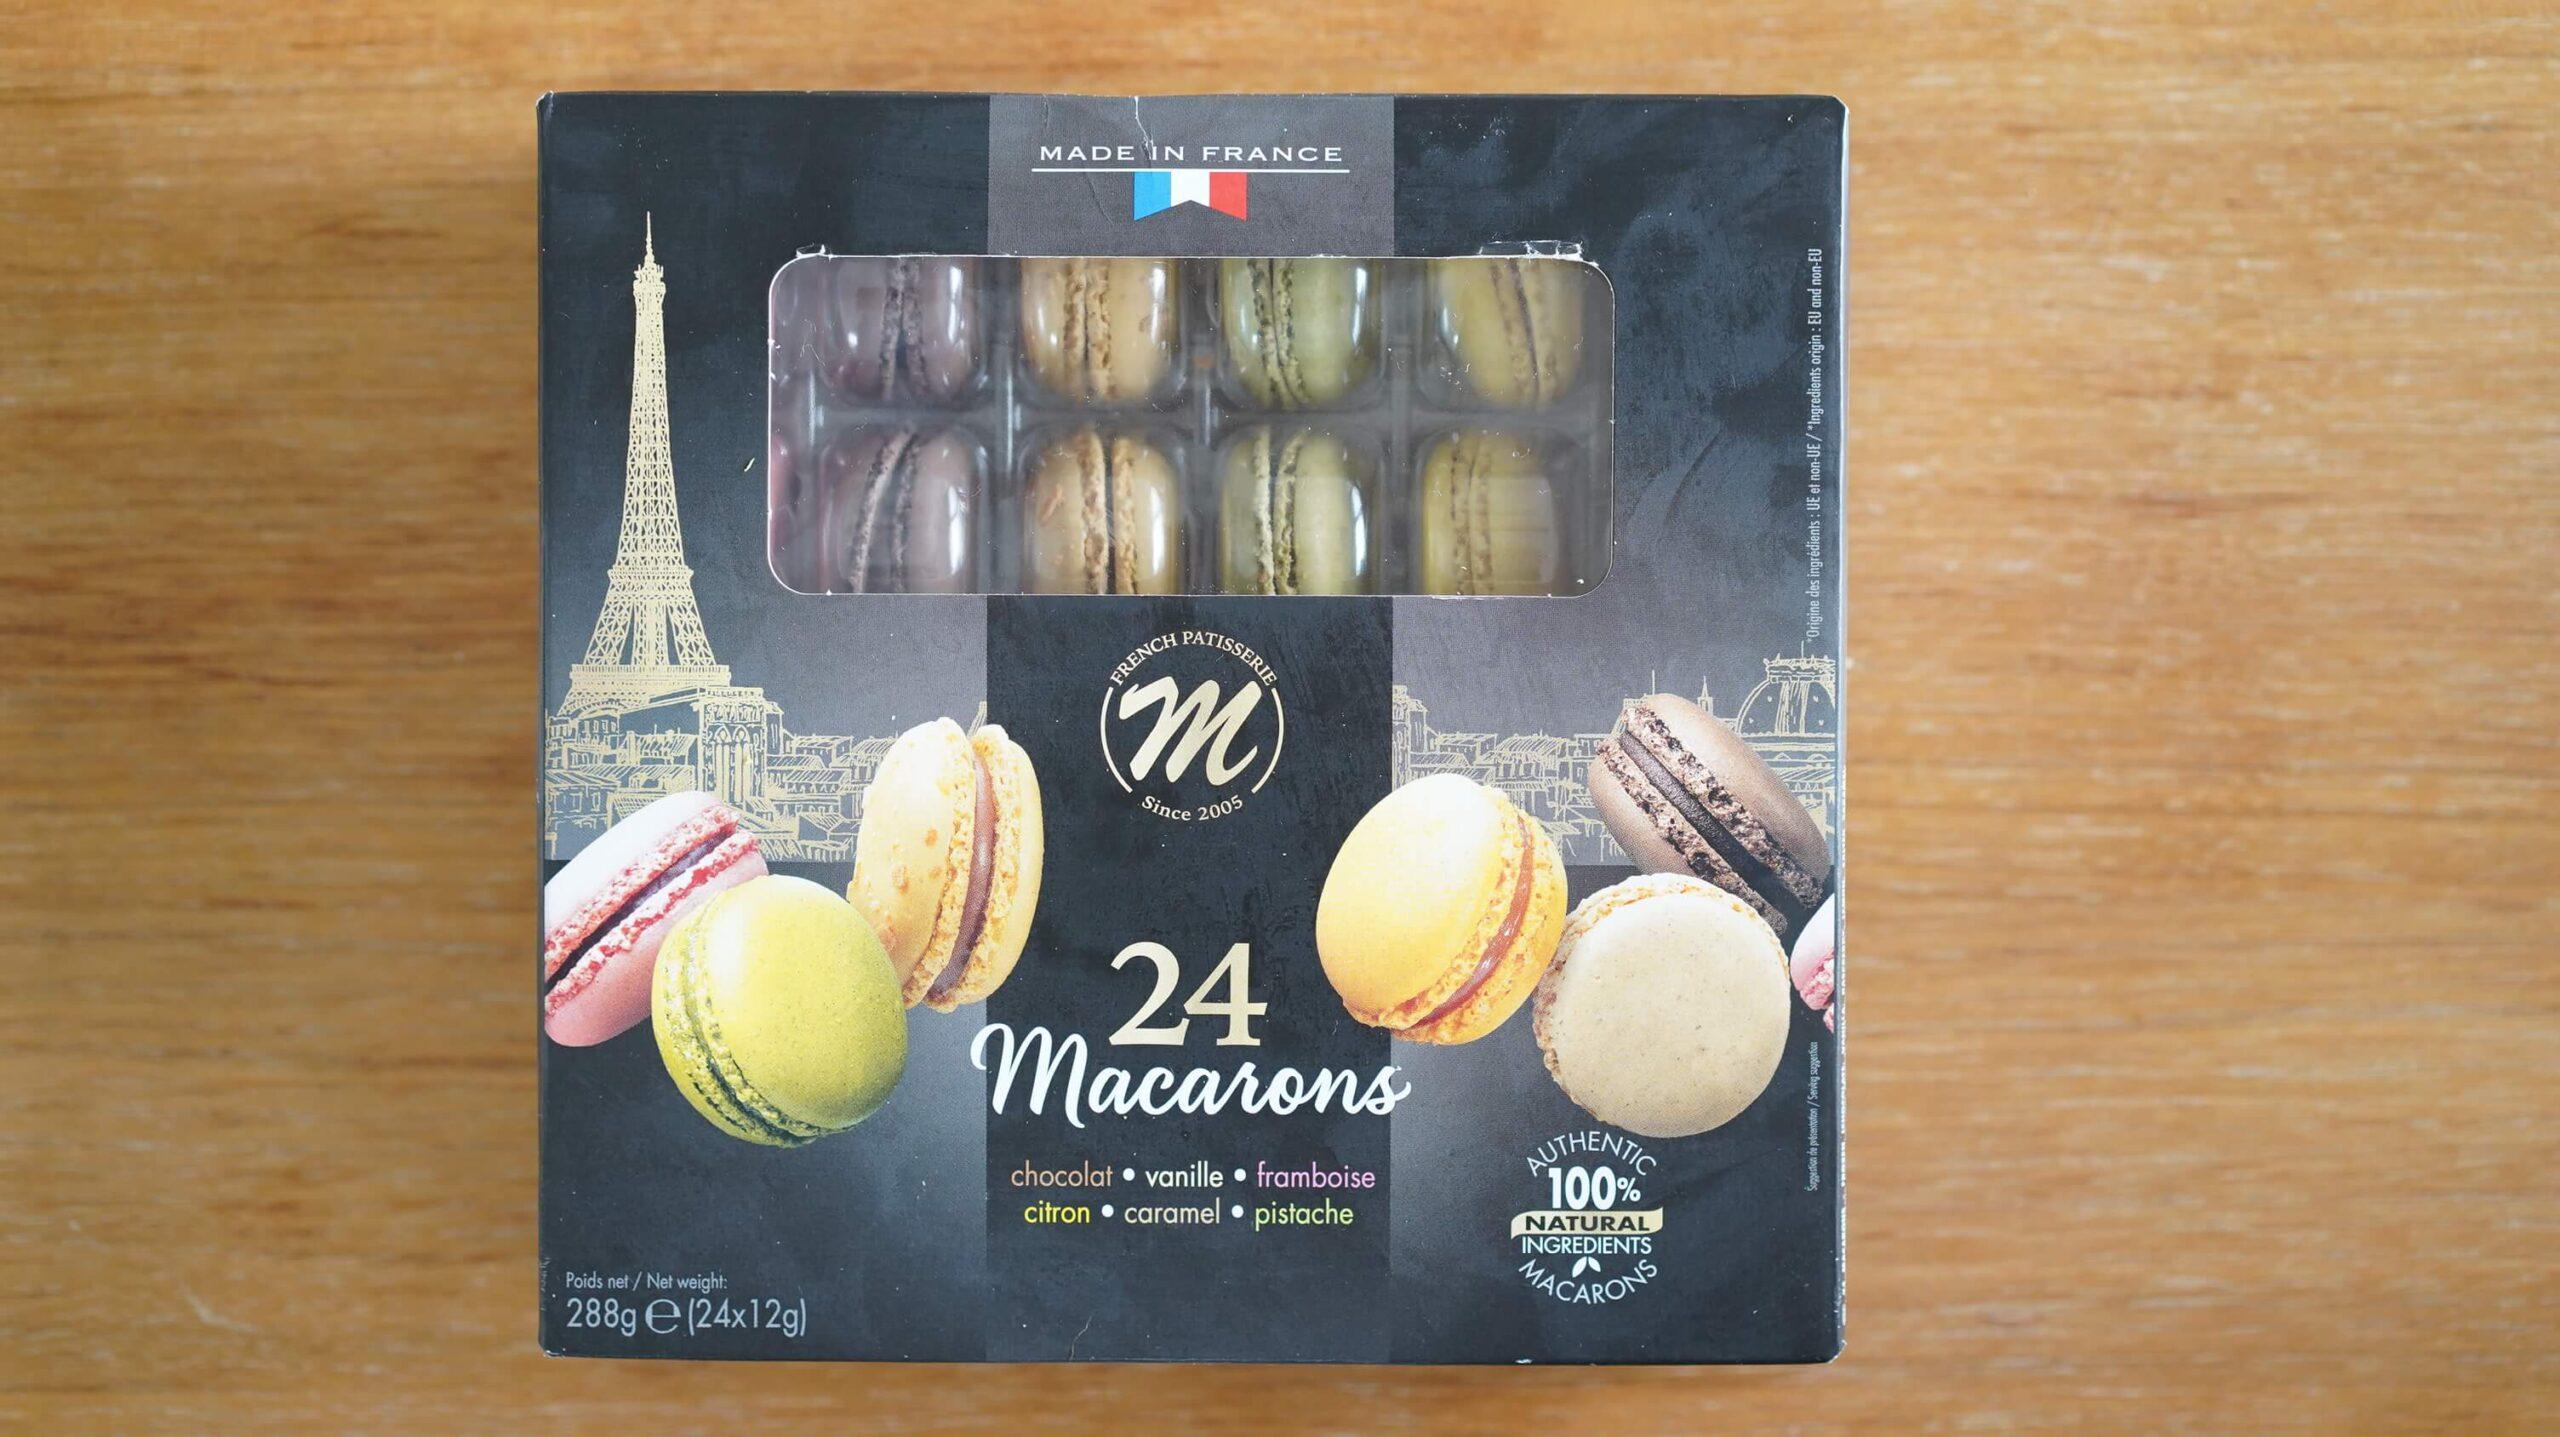 コストコの冷凍食品「マカロン」のパッケージ表面の写真